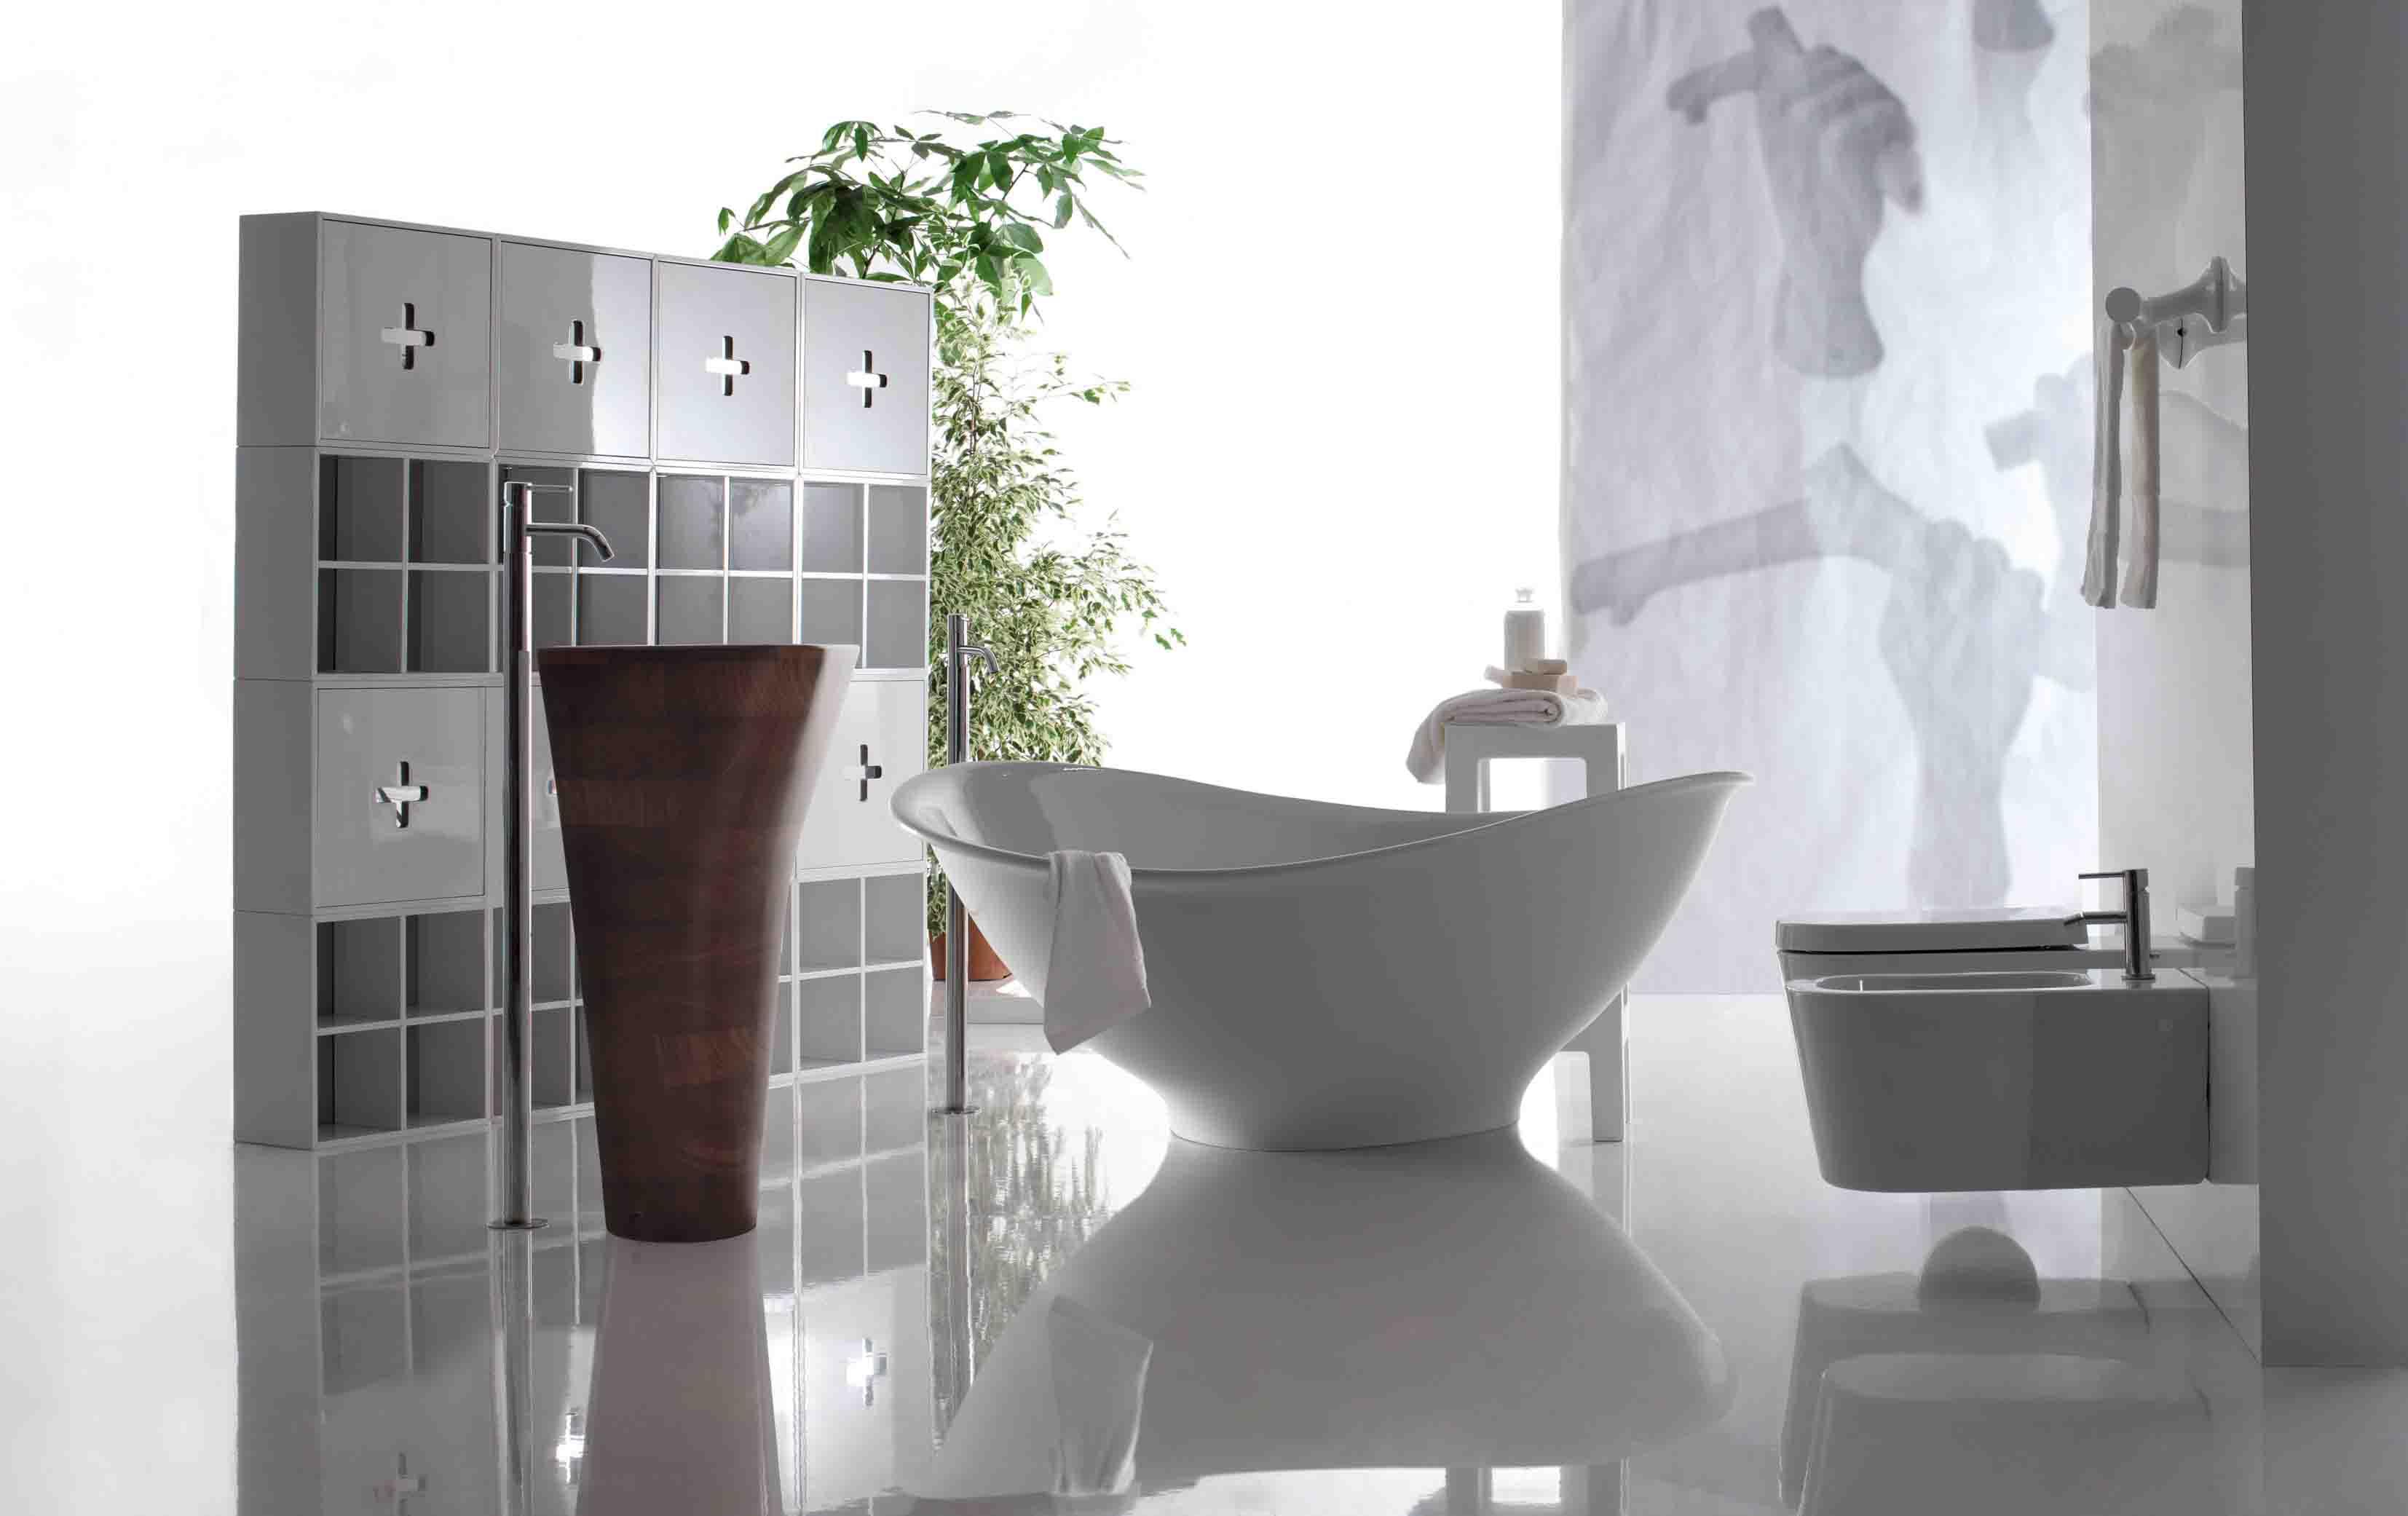 Vasca Da Bagno Piccola In Ceramica : Le vasche di ceramica galassia bagno italiano